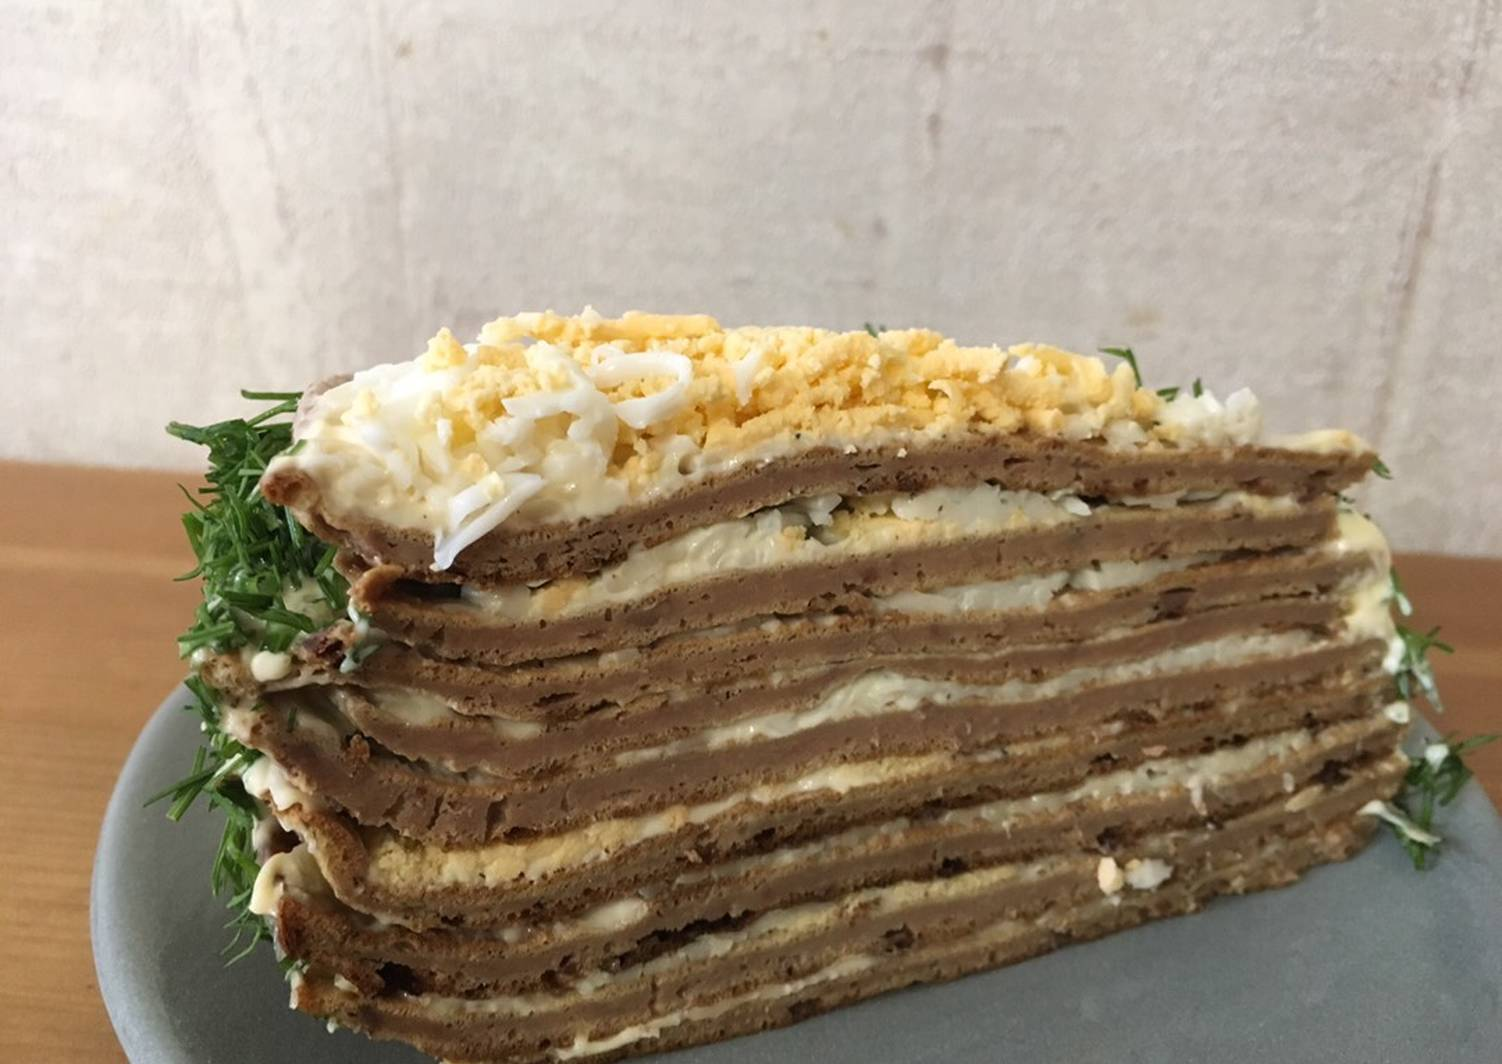 селе пирог из печени слоями рецепт с фото вот, помощью этой